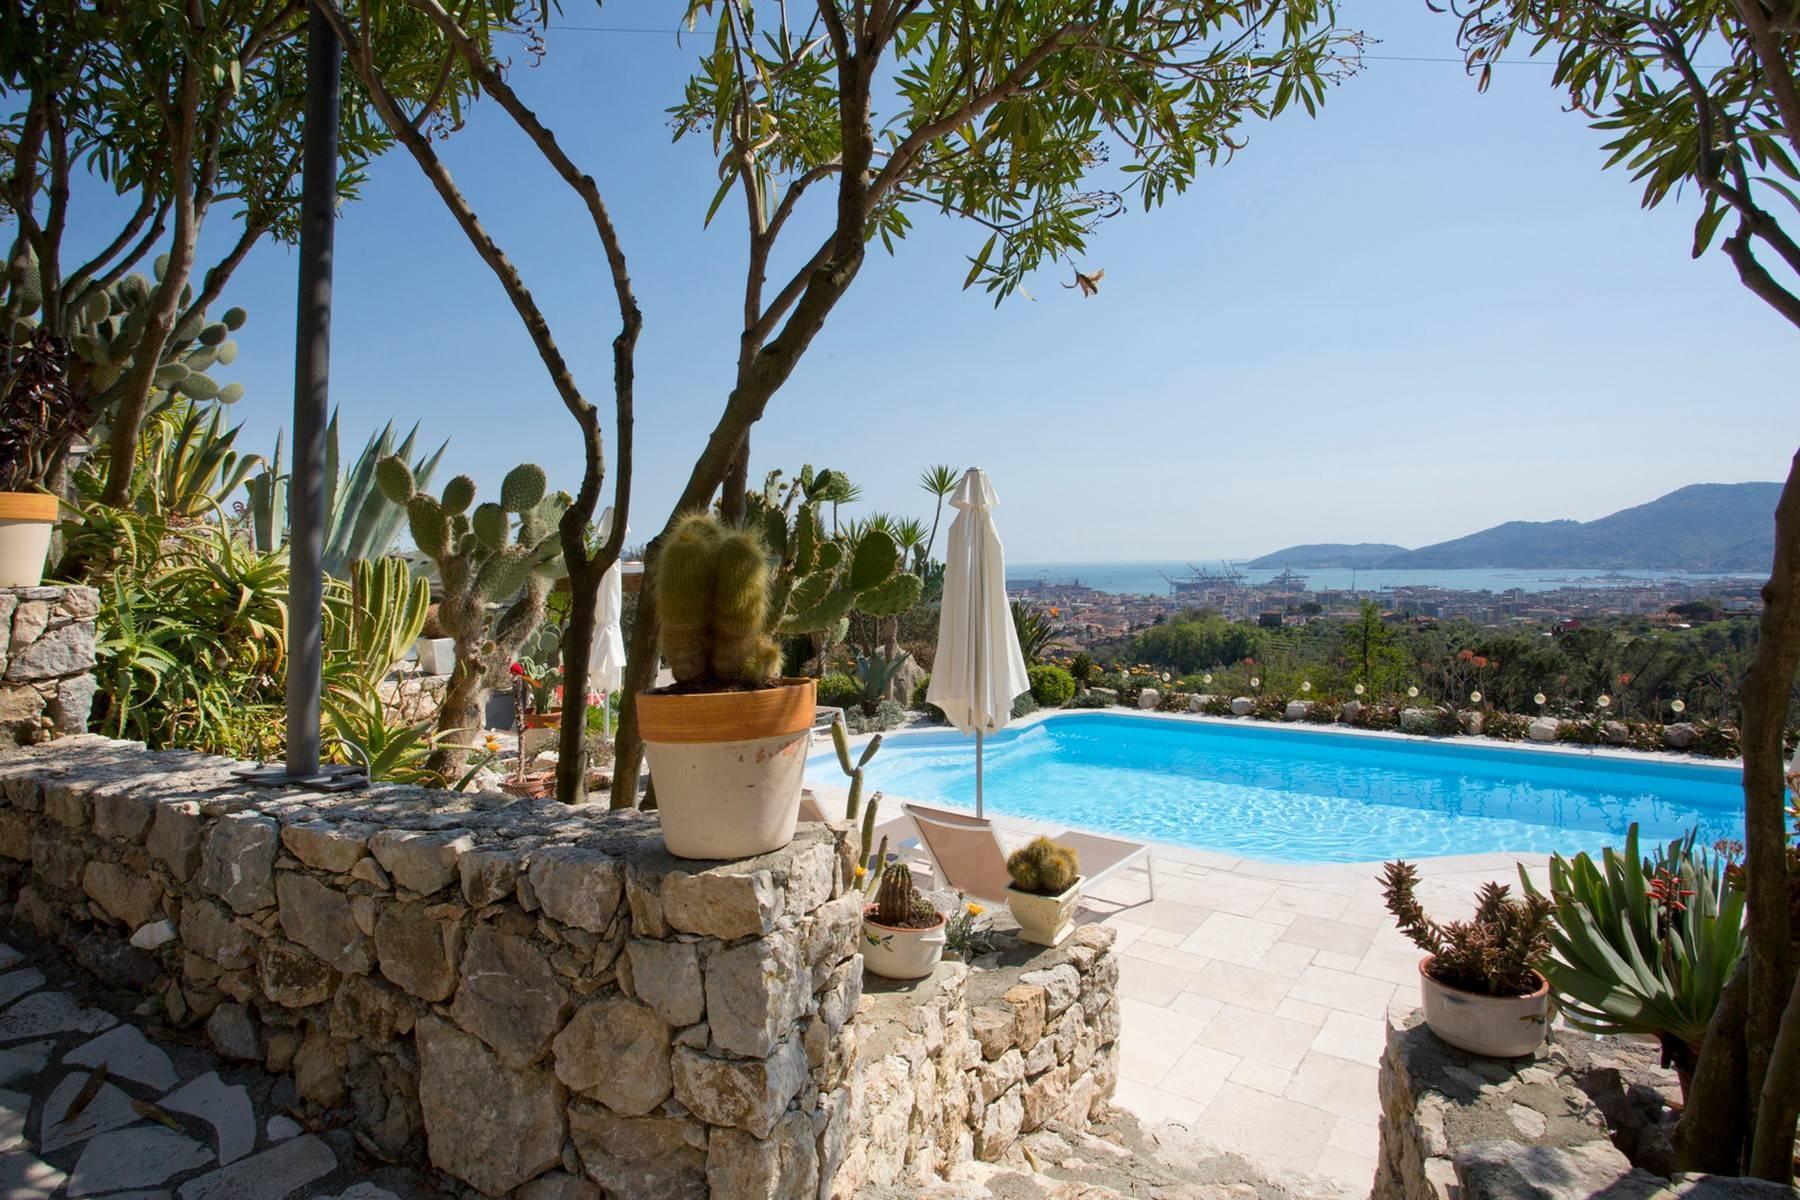 Wunderschöne Villa mit Blick auf die Bucht von La Spezia - 4